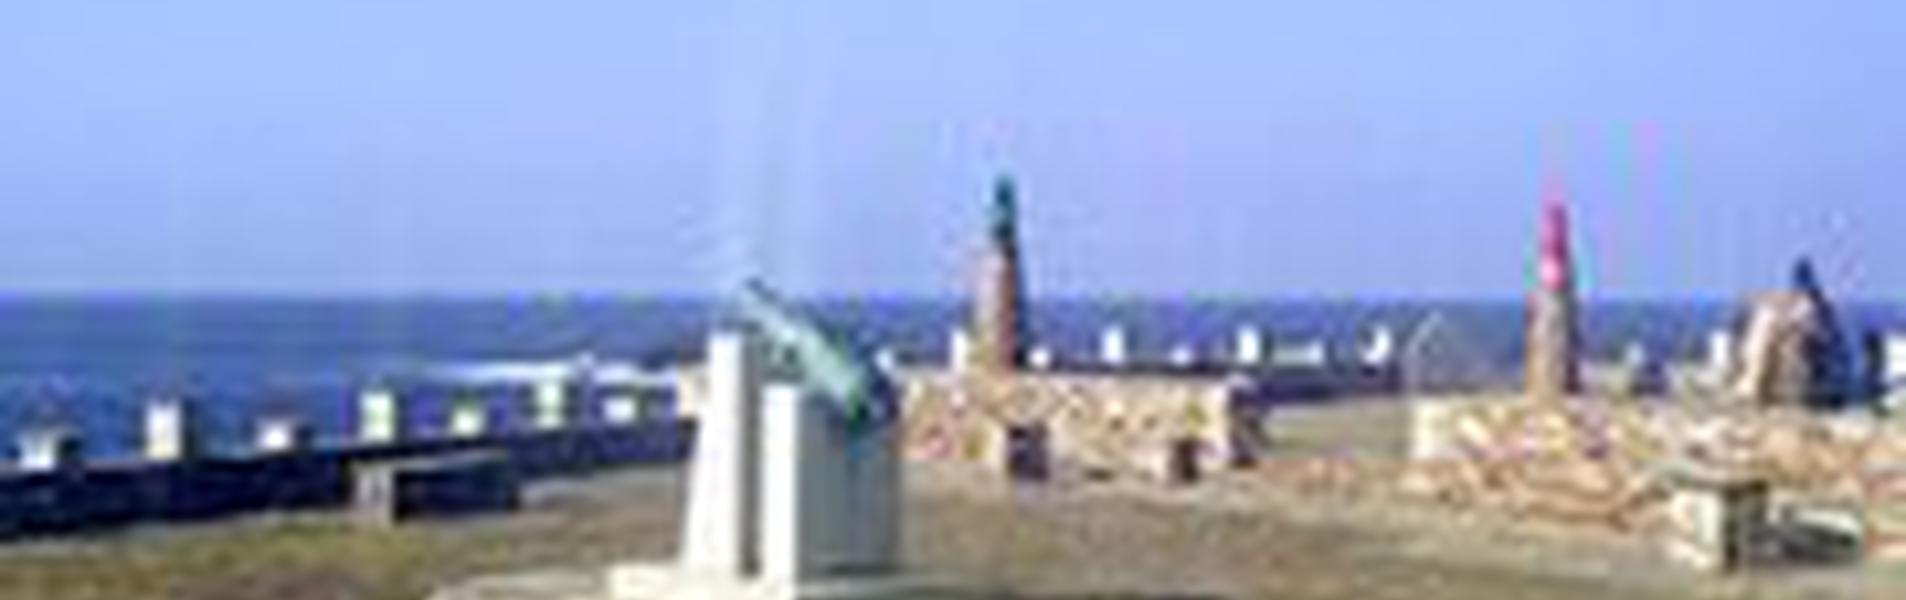 Monumentos de Tapia de Casariego